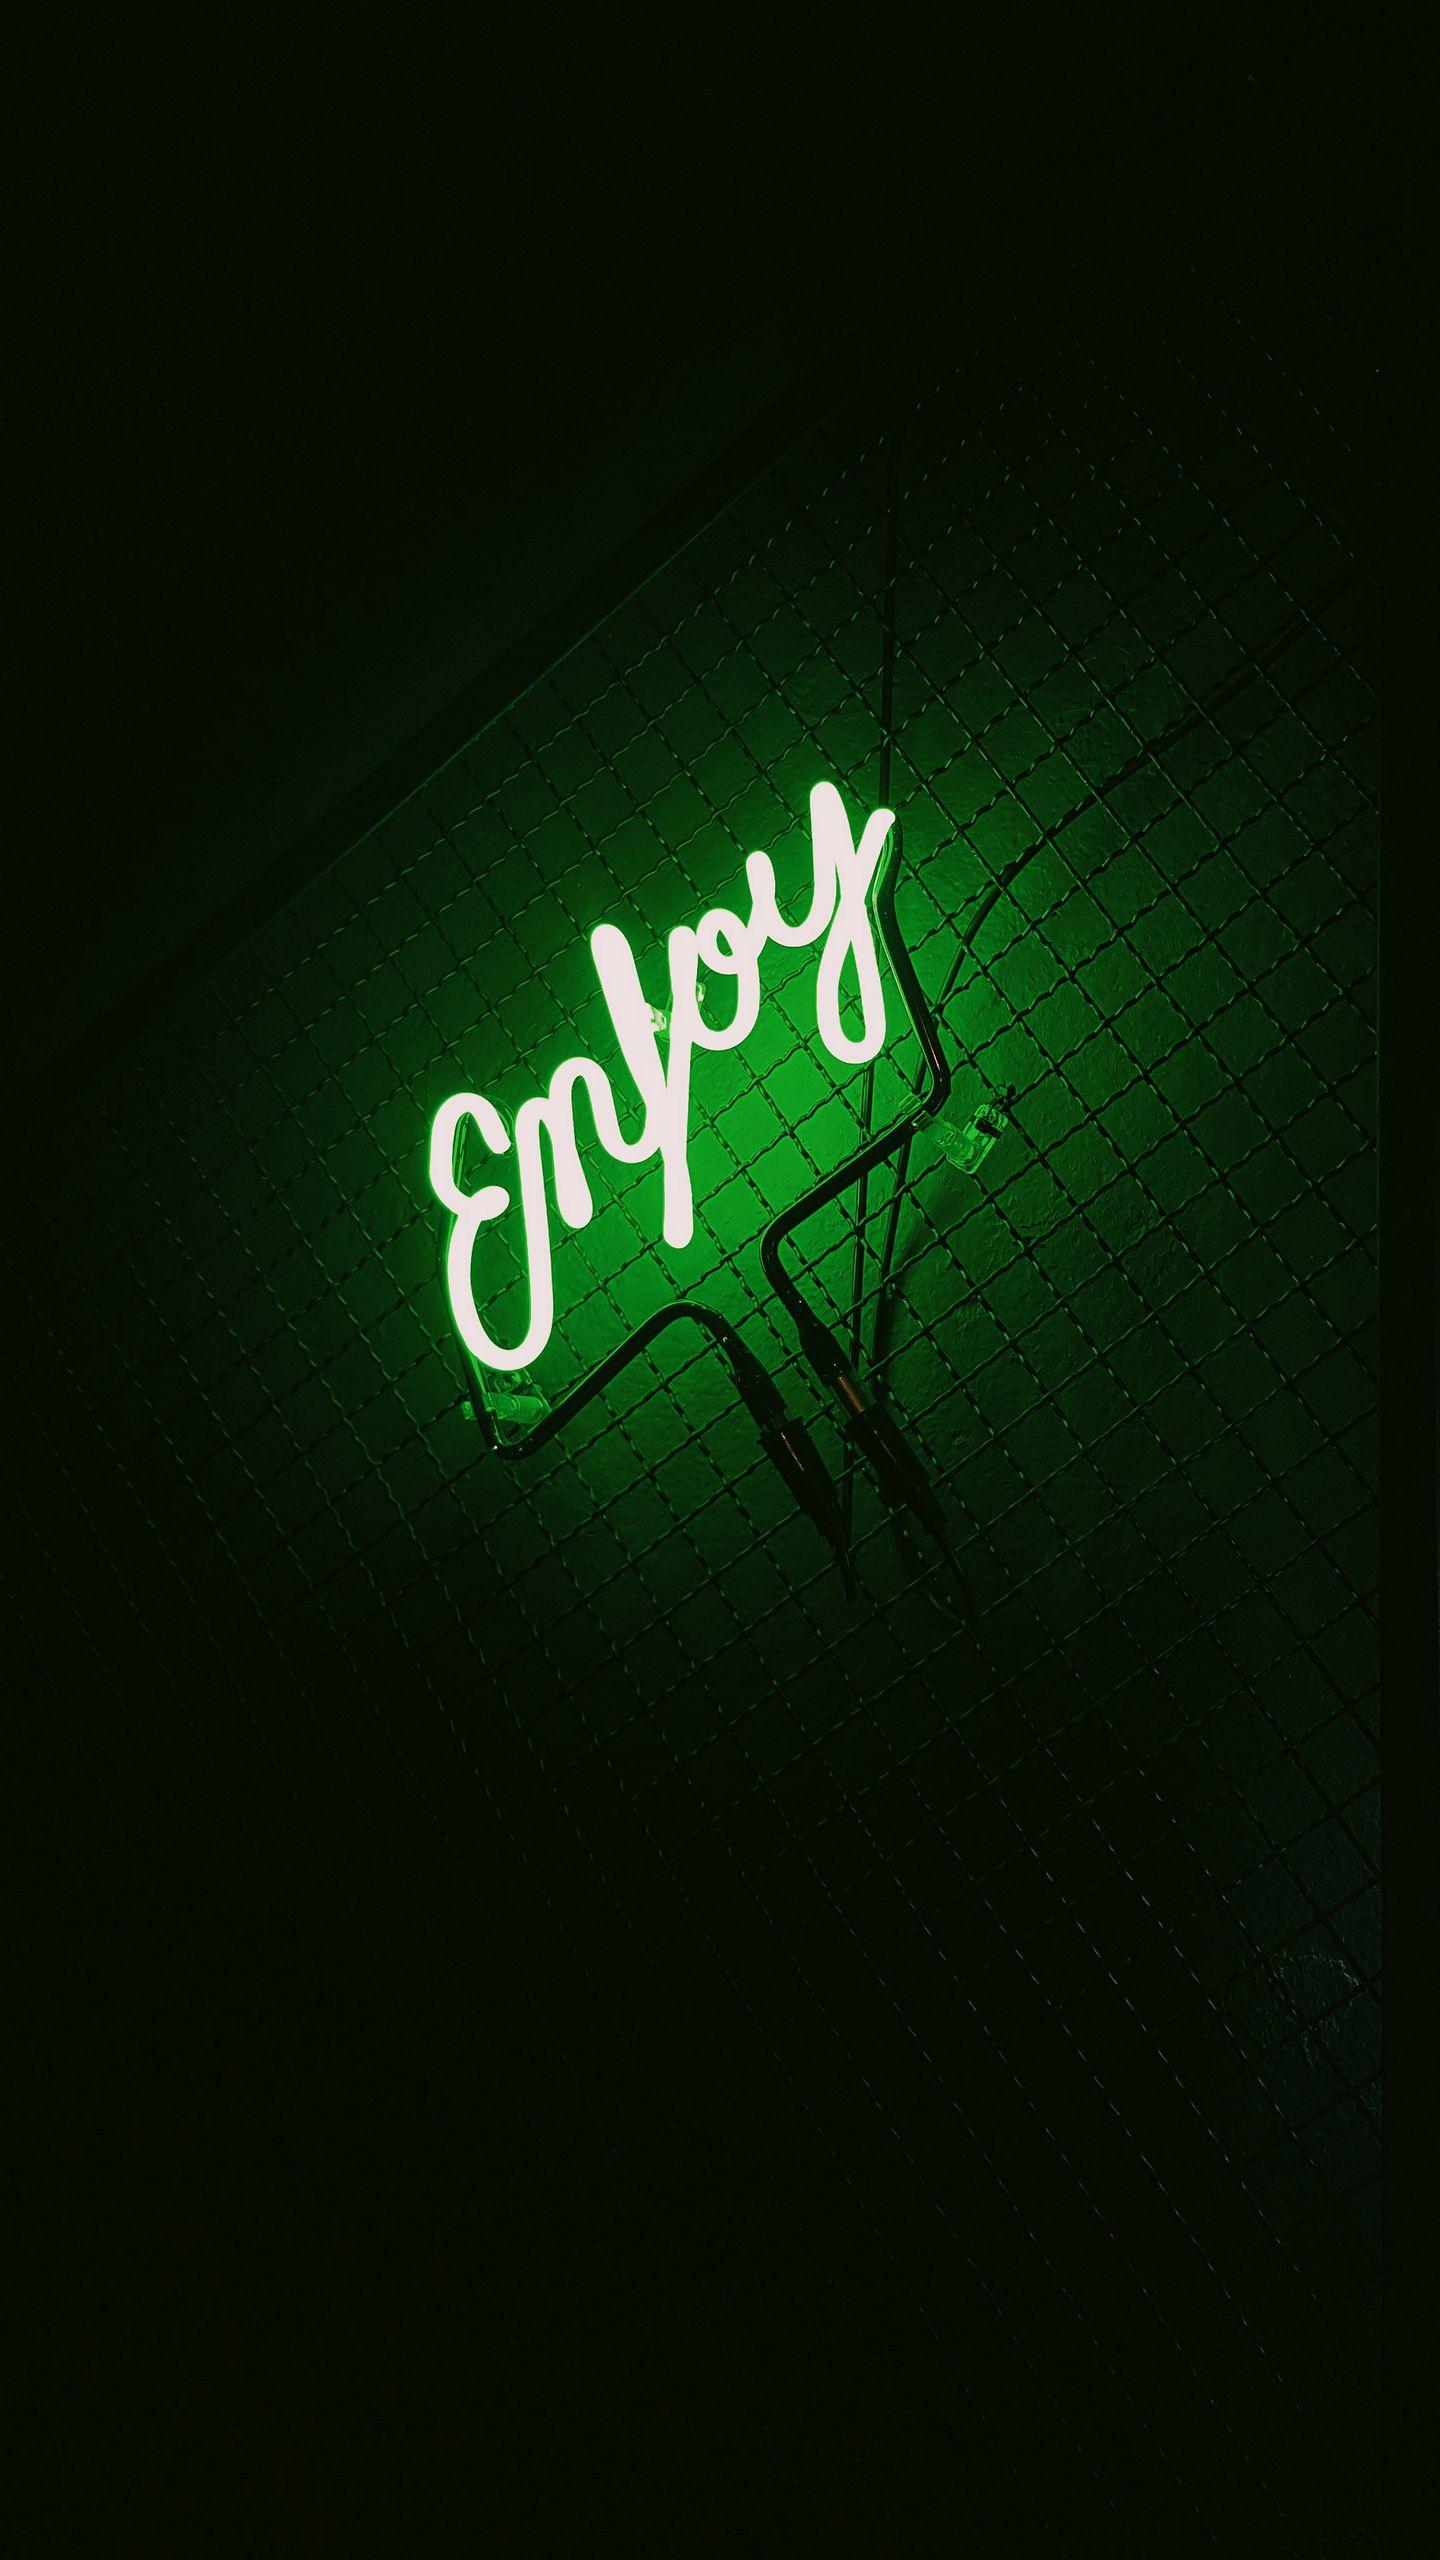 1440x2560 Wallpaper inscription, neon, backlight, green, dark